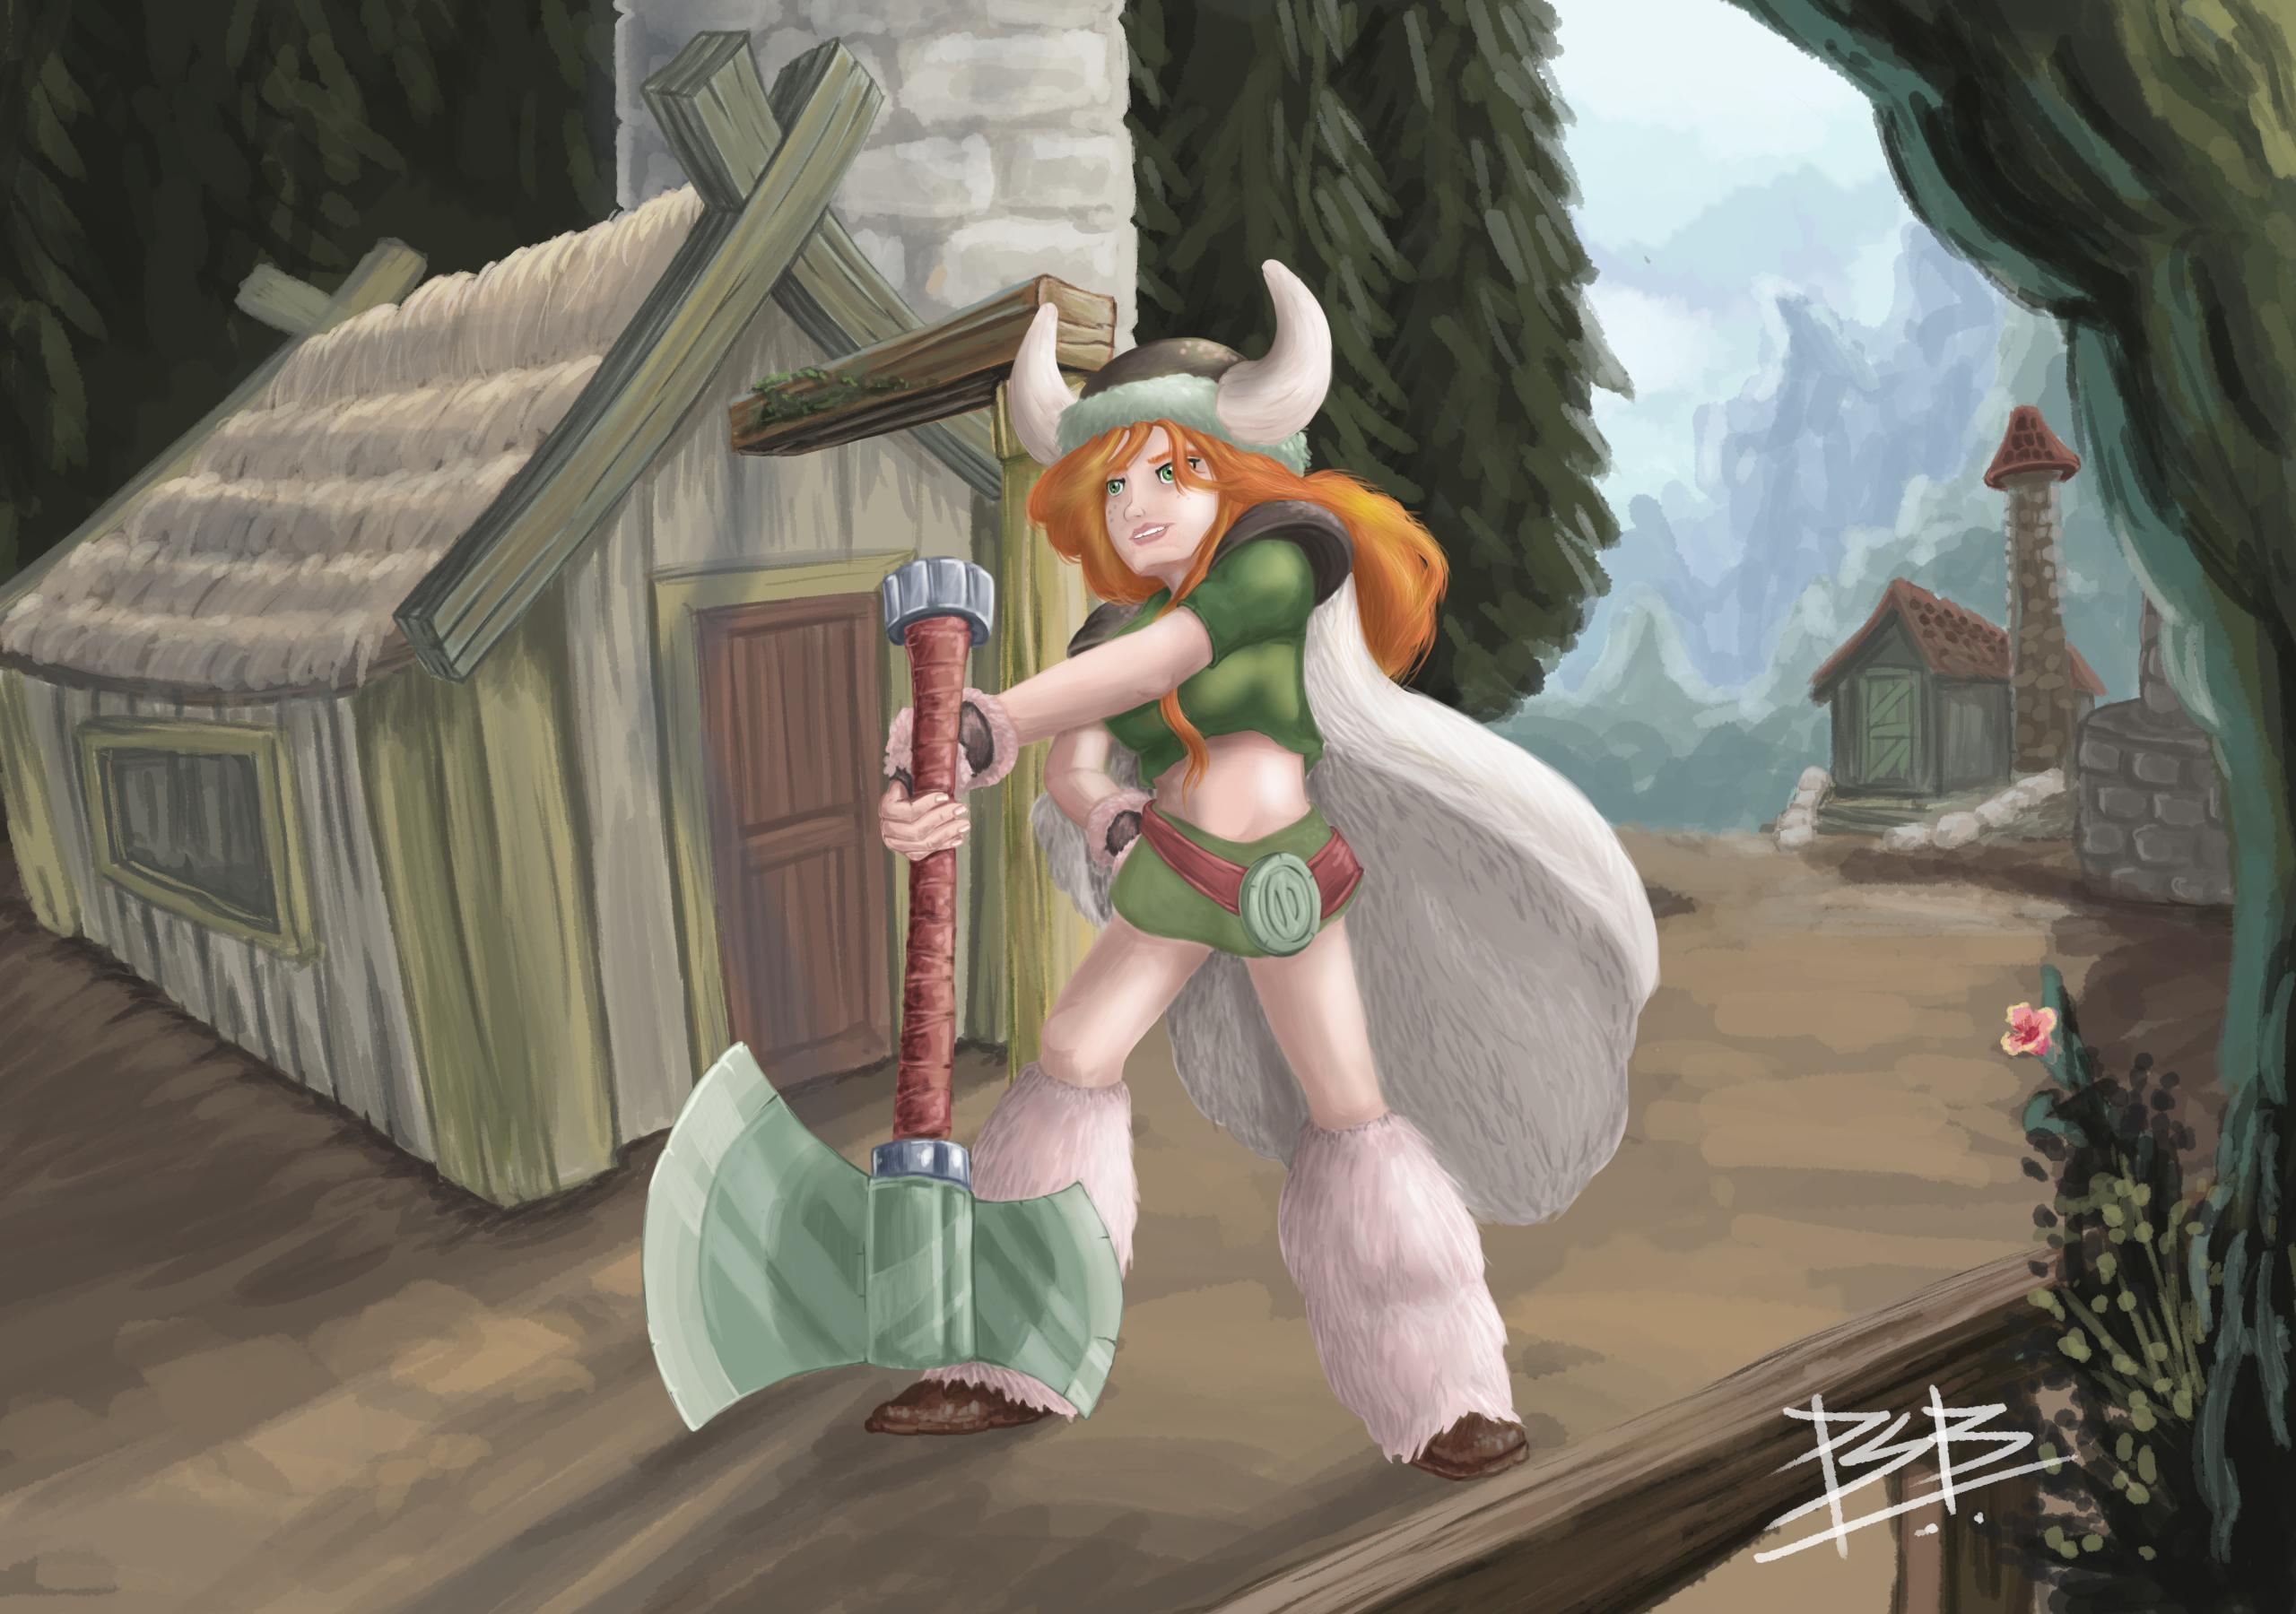 vikinggirl